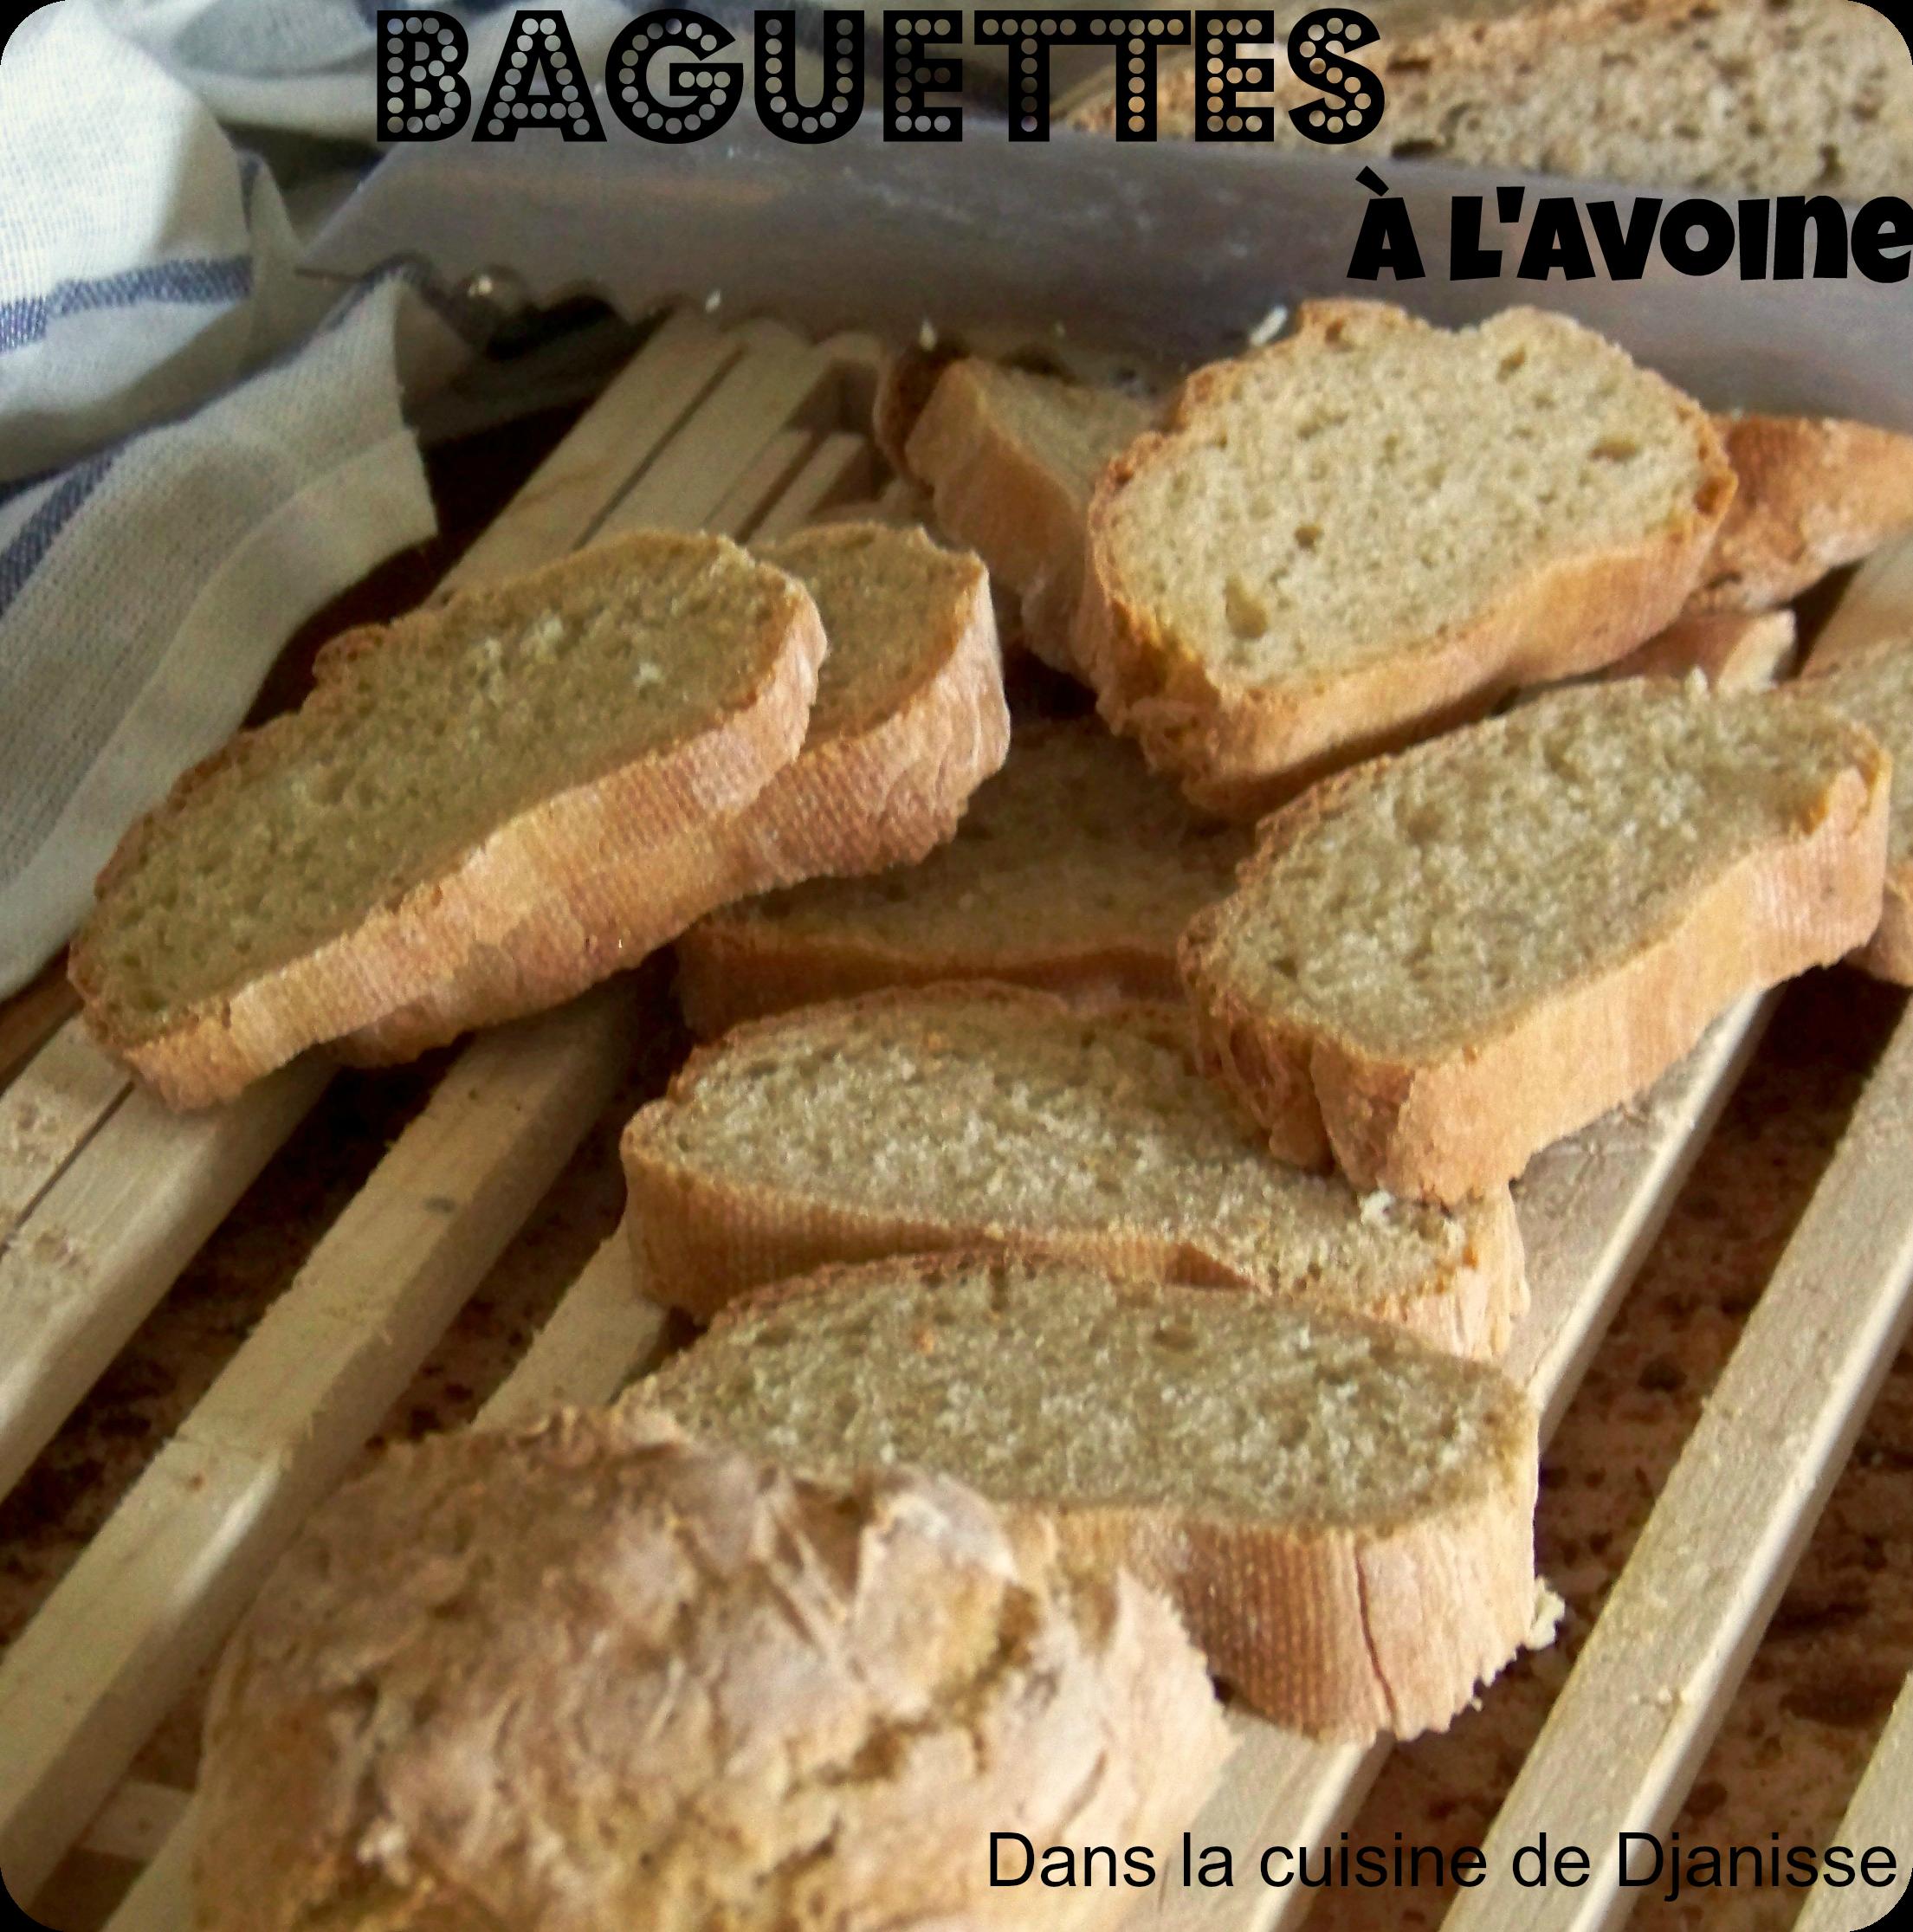 Baguettes à l'avoine